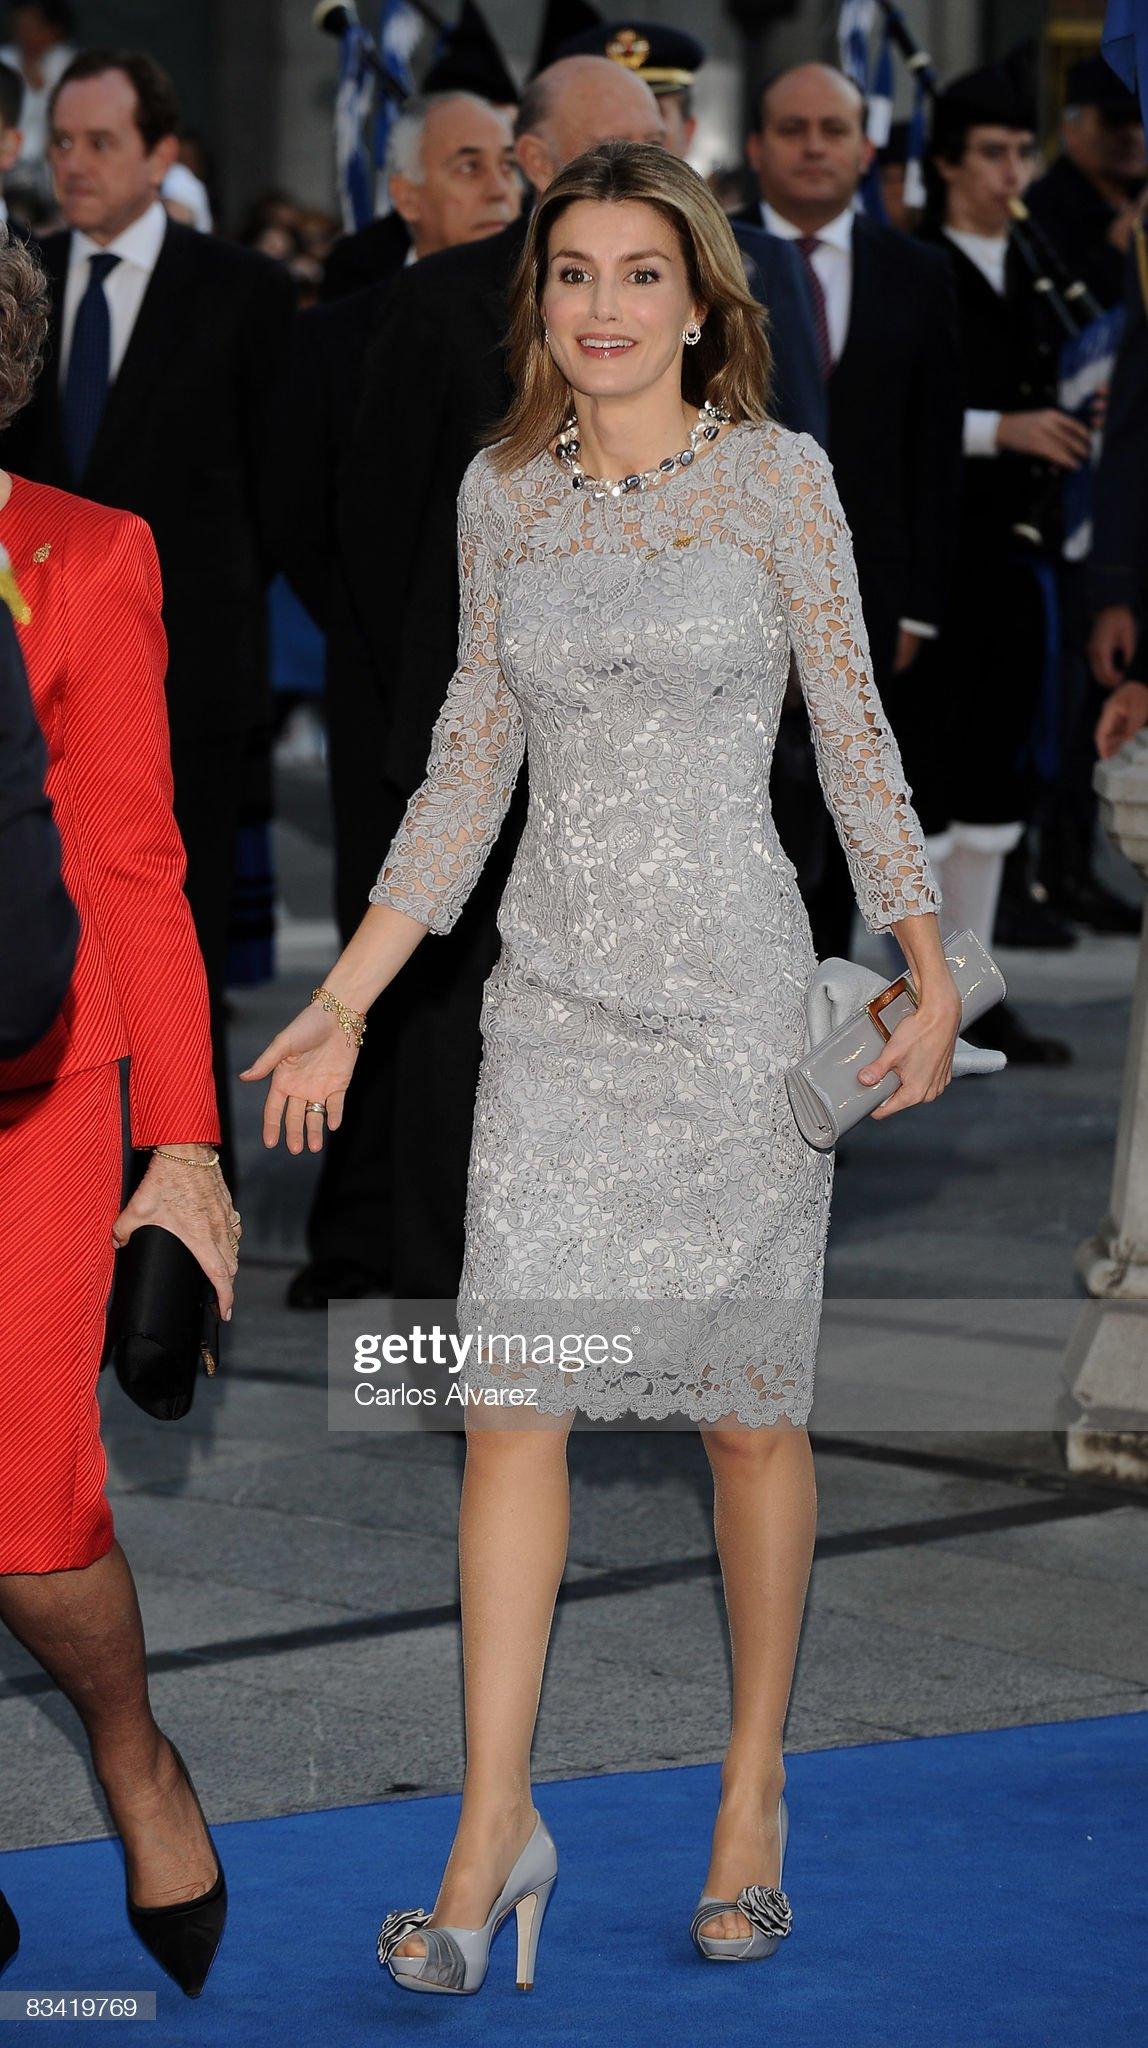 Prince Of Asturias Awards 2008 : News Photo